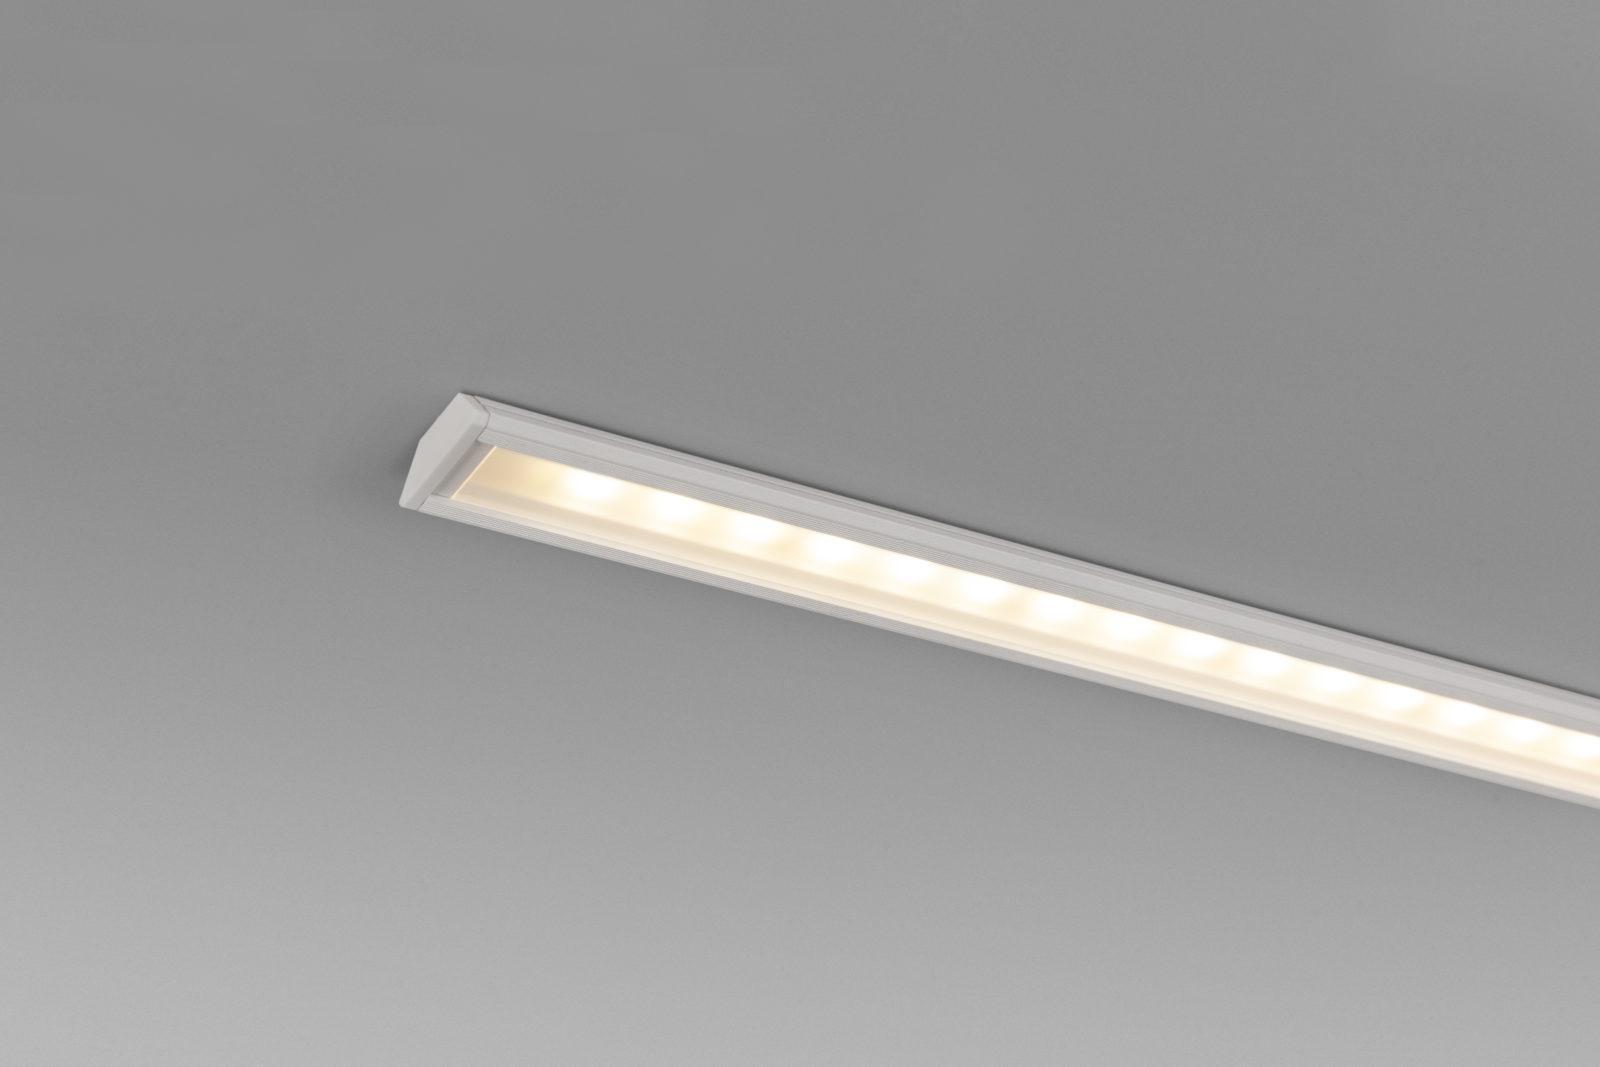 Luminária Linea 45°